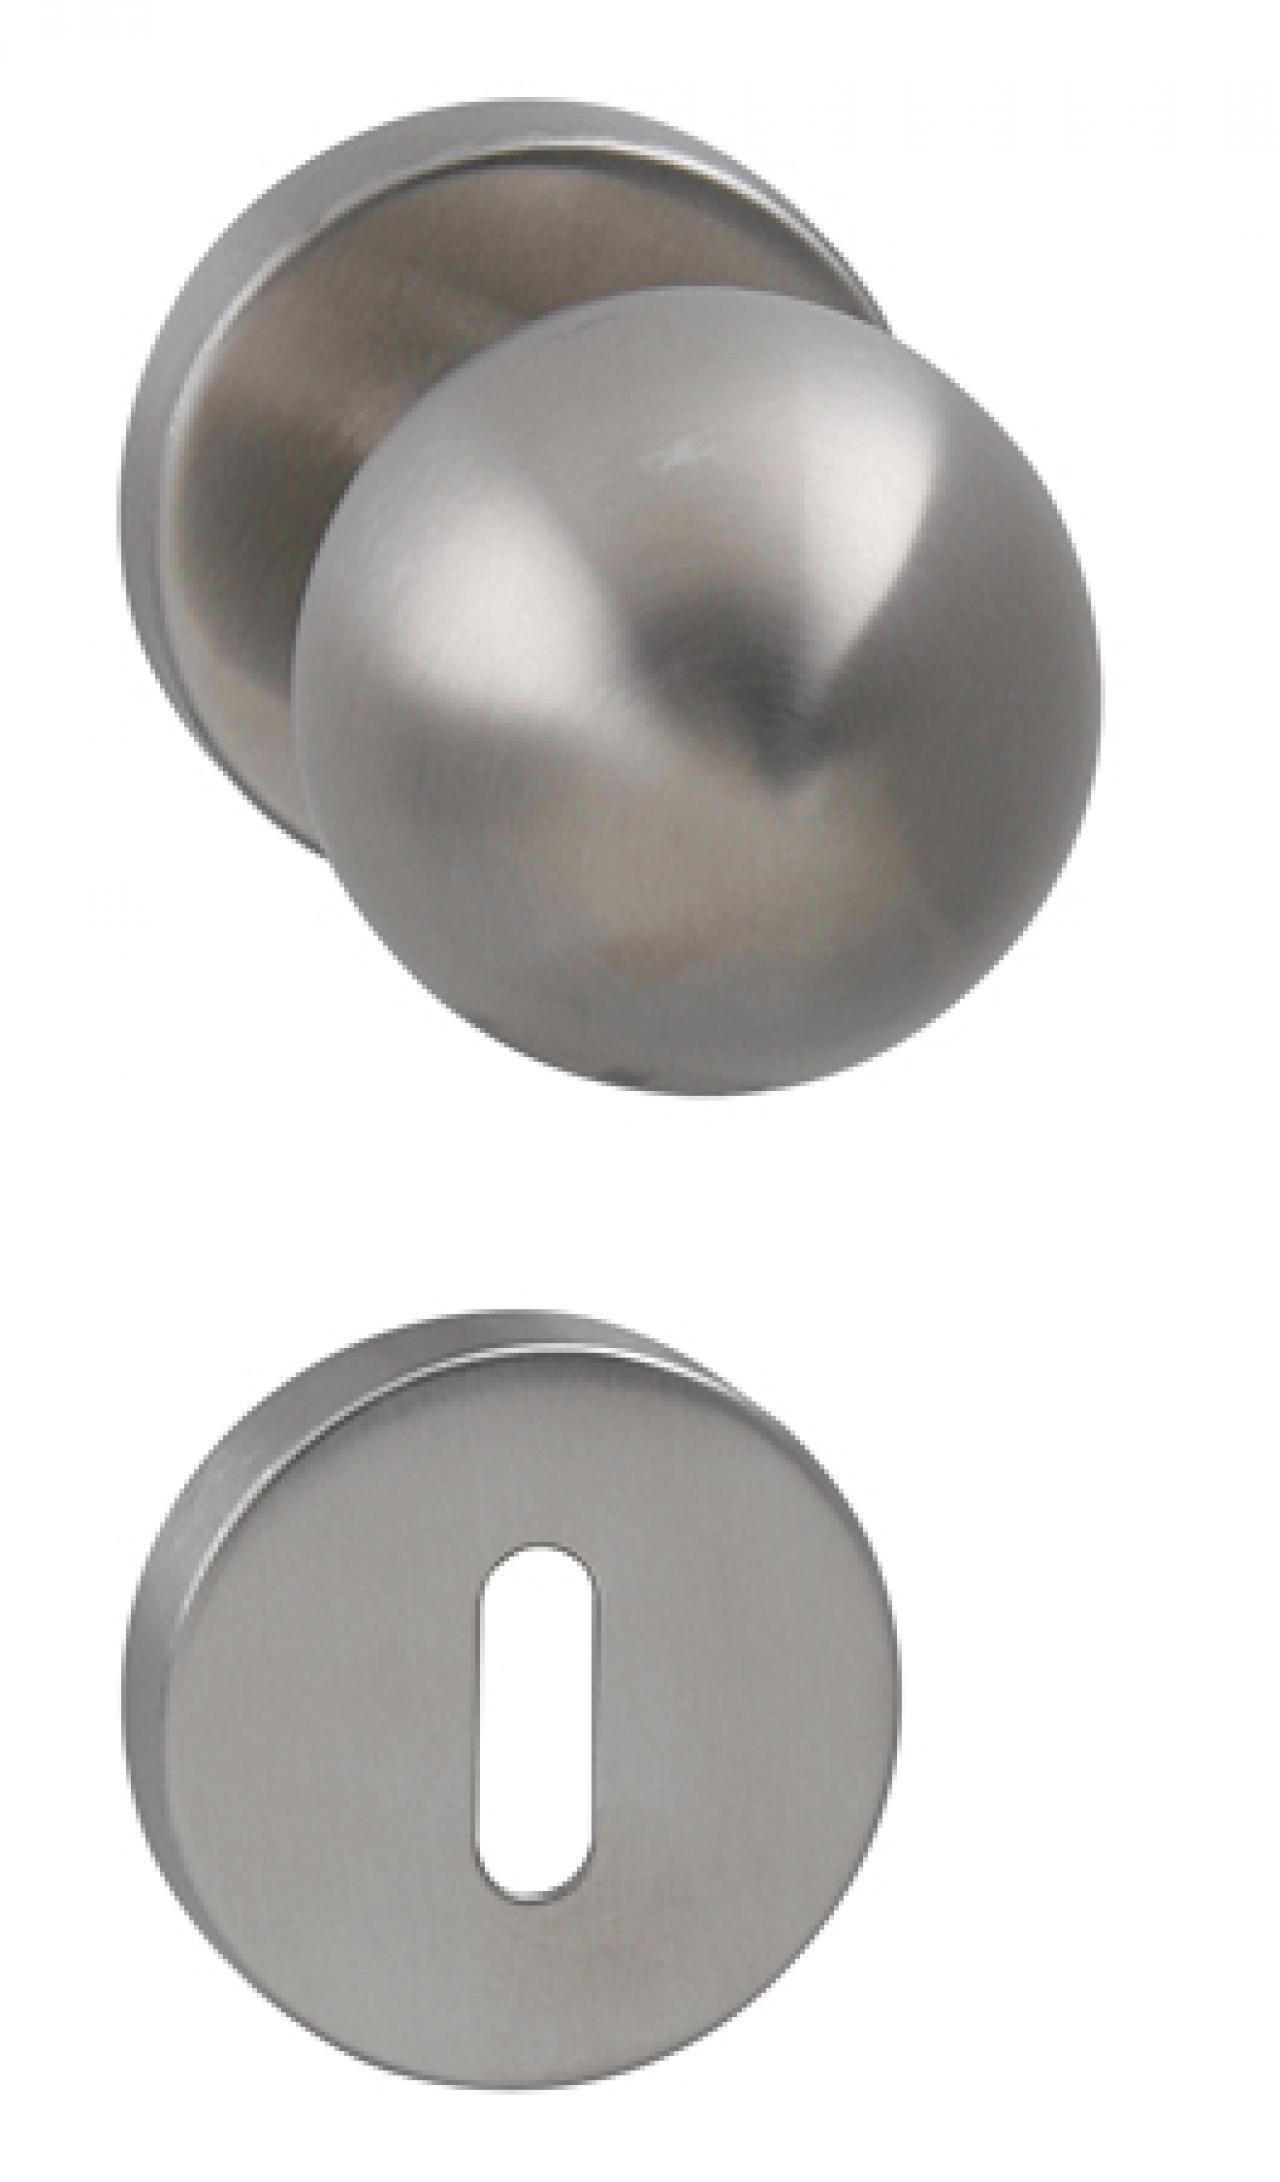 Gomb 326 inox fix gomb/forgó gomb - Maestro